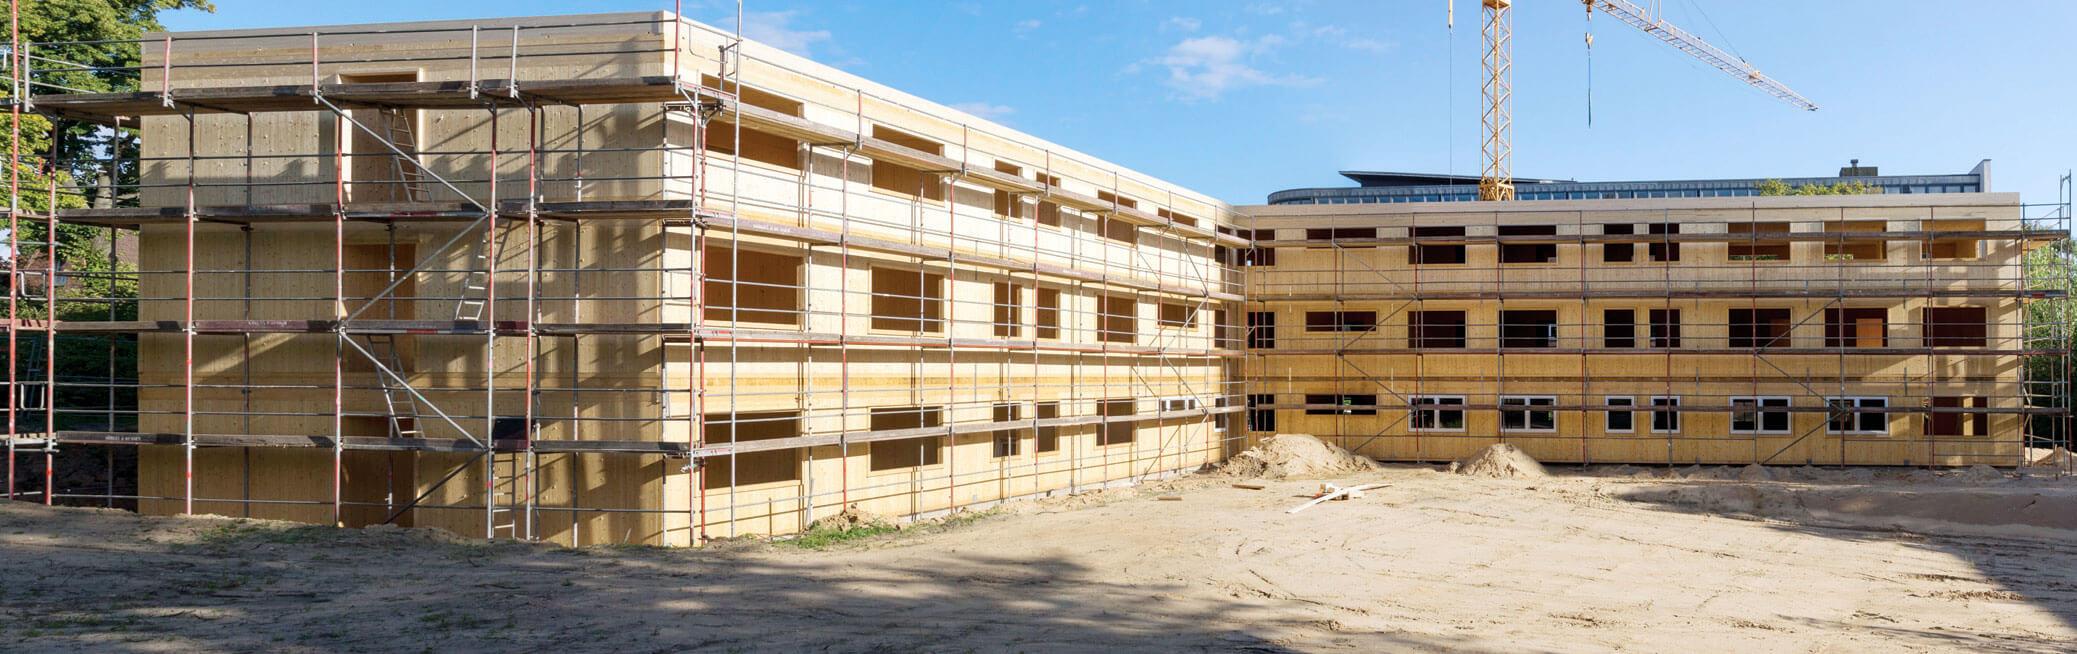 Fot. 3. Budowa 3 kondygnacyjnego szpitala dziecięcego w technologii HBE. Schwerin/Niemcy. Rok 2017 -odporność ogniowa konstrukcji drewnianych